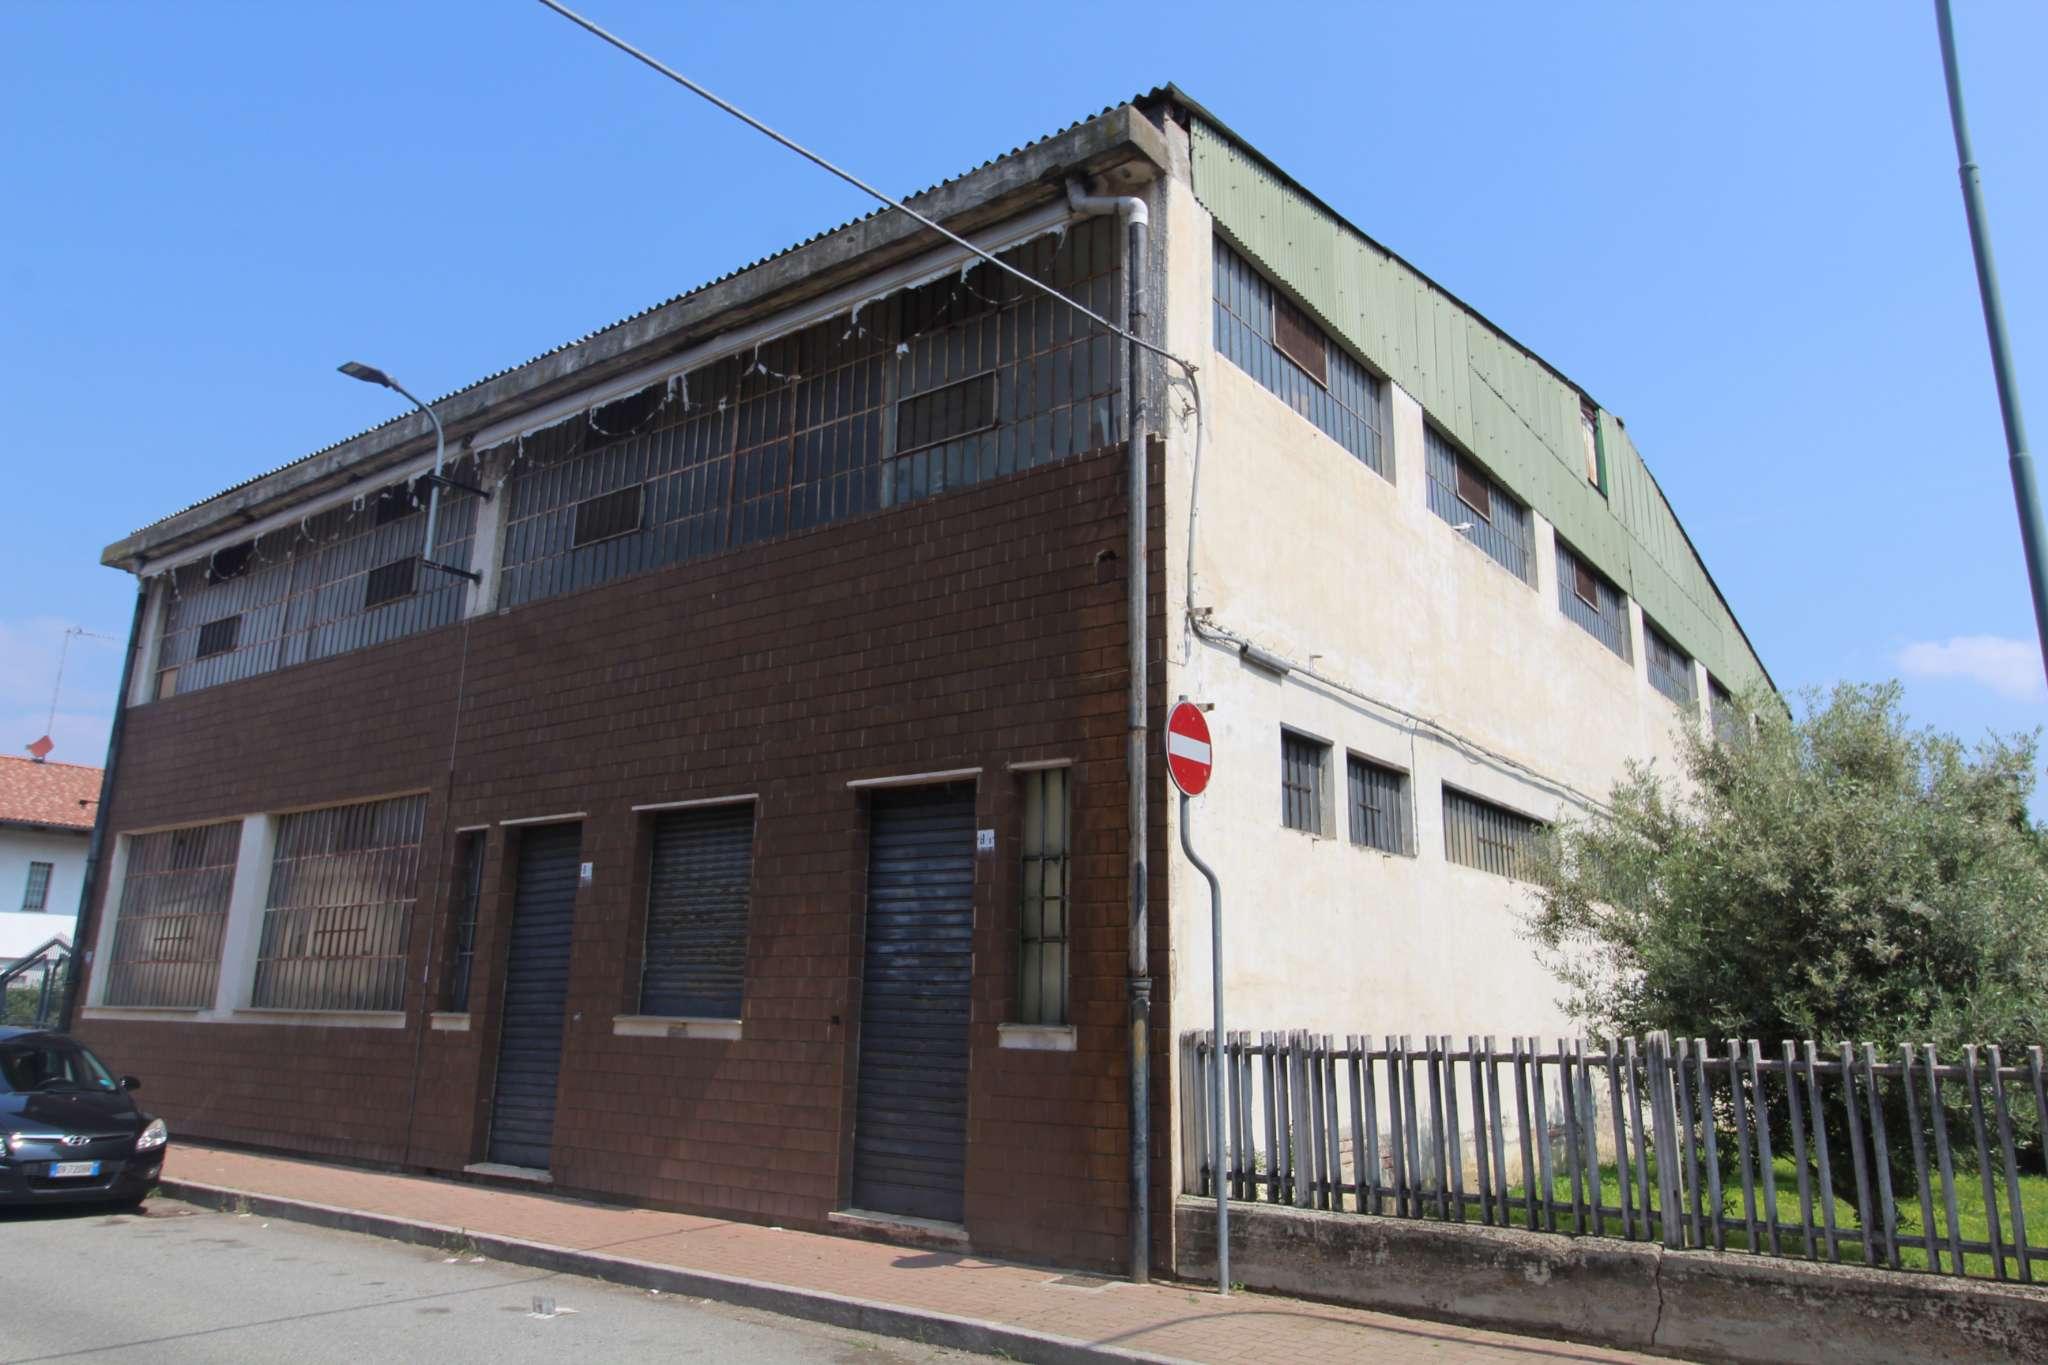 Magazzino in vendita a Candiolo, 9999 locali, prezzo € 105.000 | PortaleAgenzieImmobiliari.it